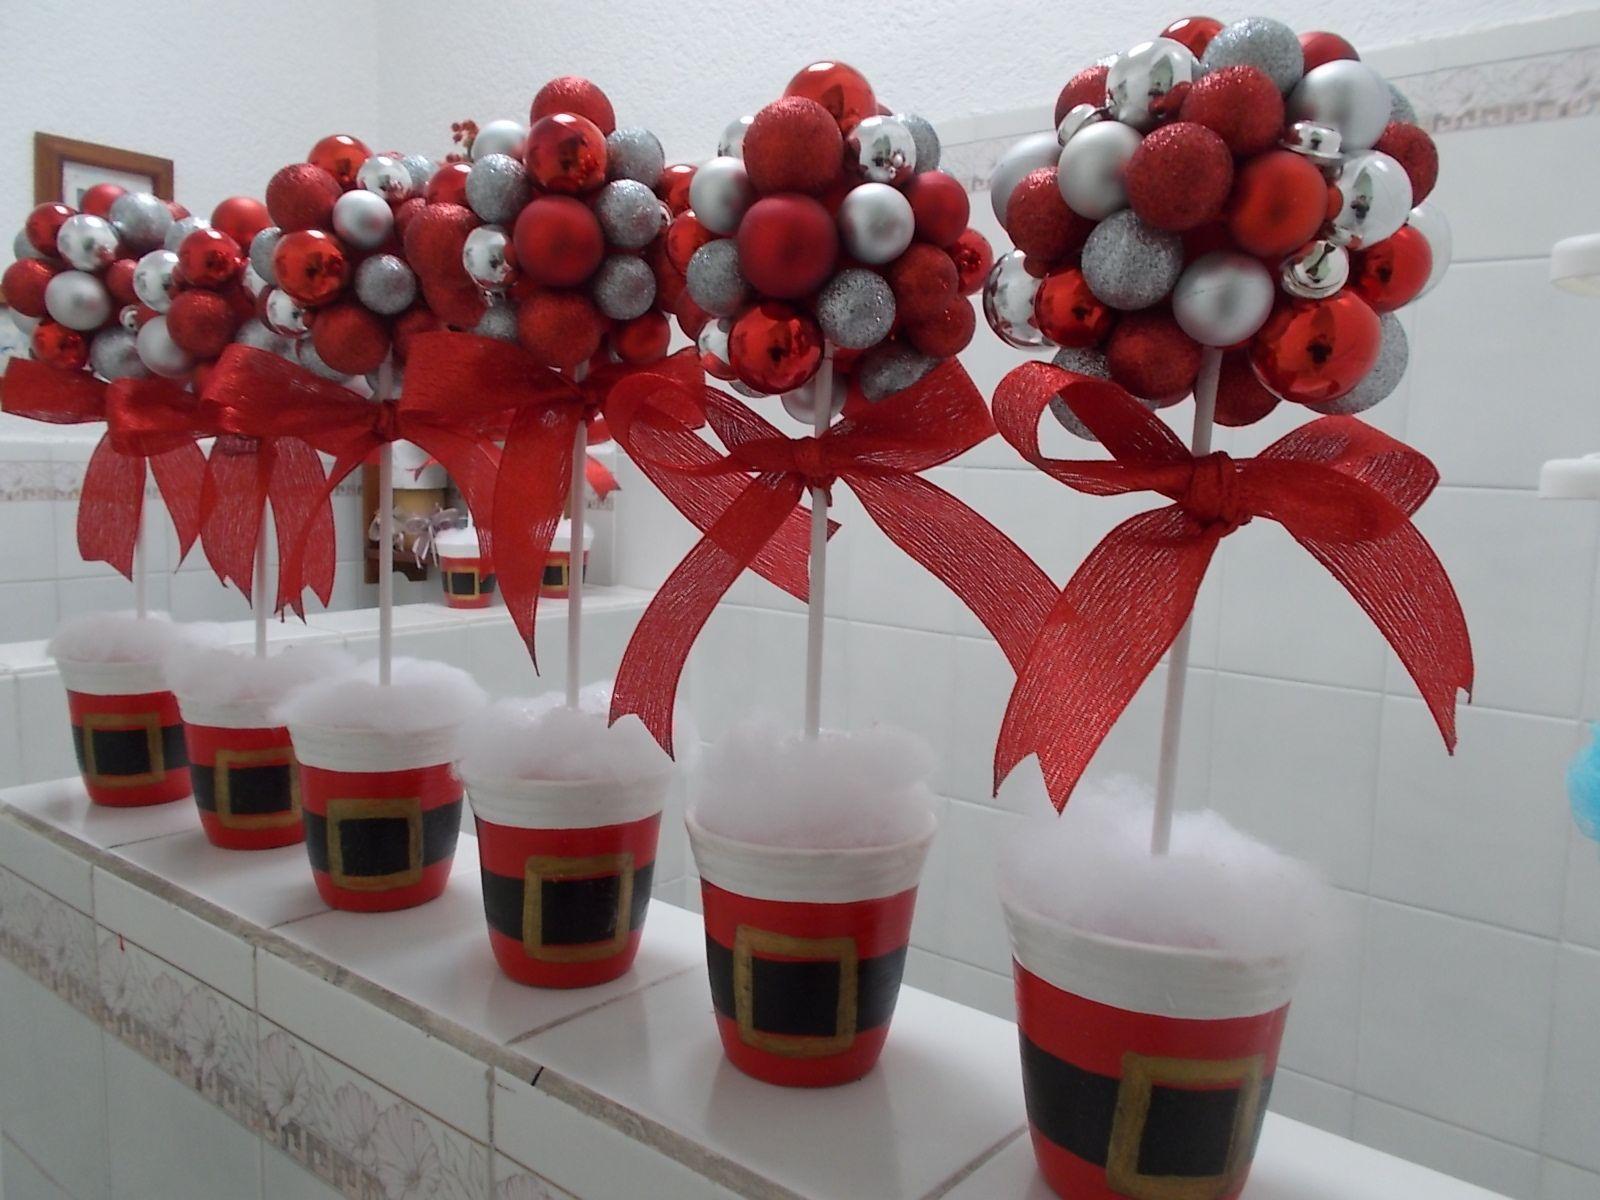 Bonito adorno de navidad navidad pinterest adornos - Decoracion mesa navidad manualidades ...